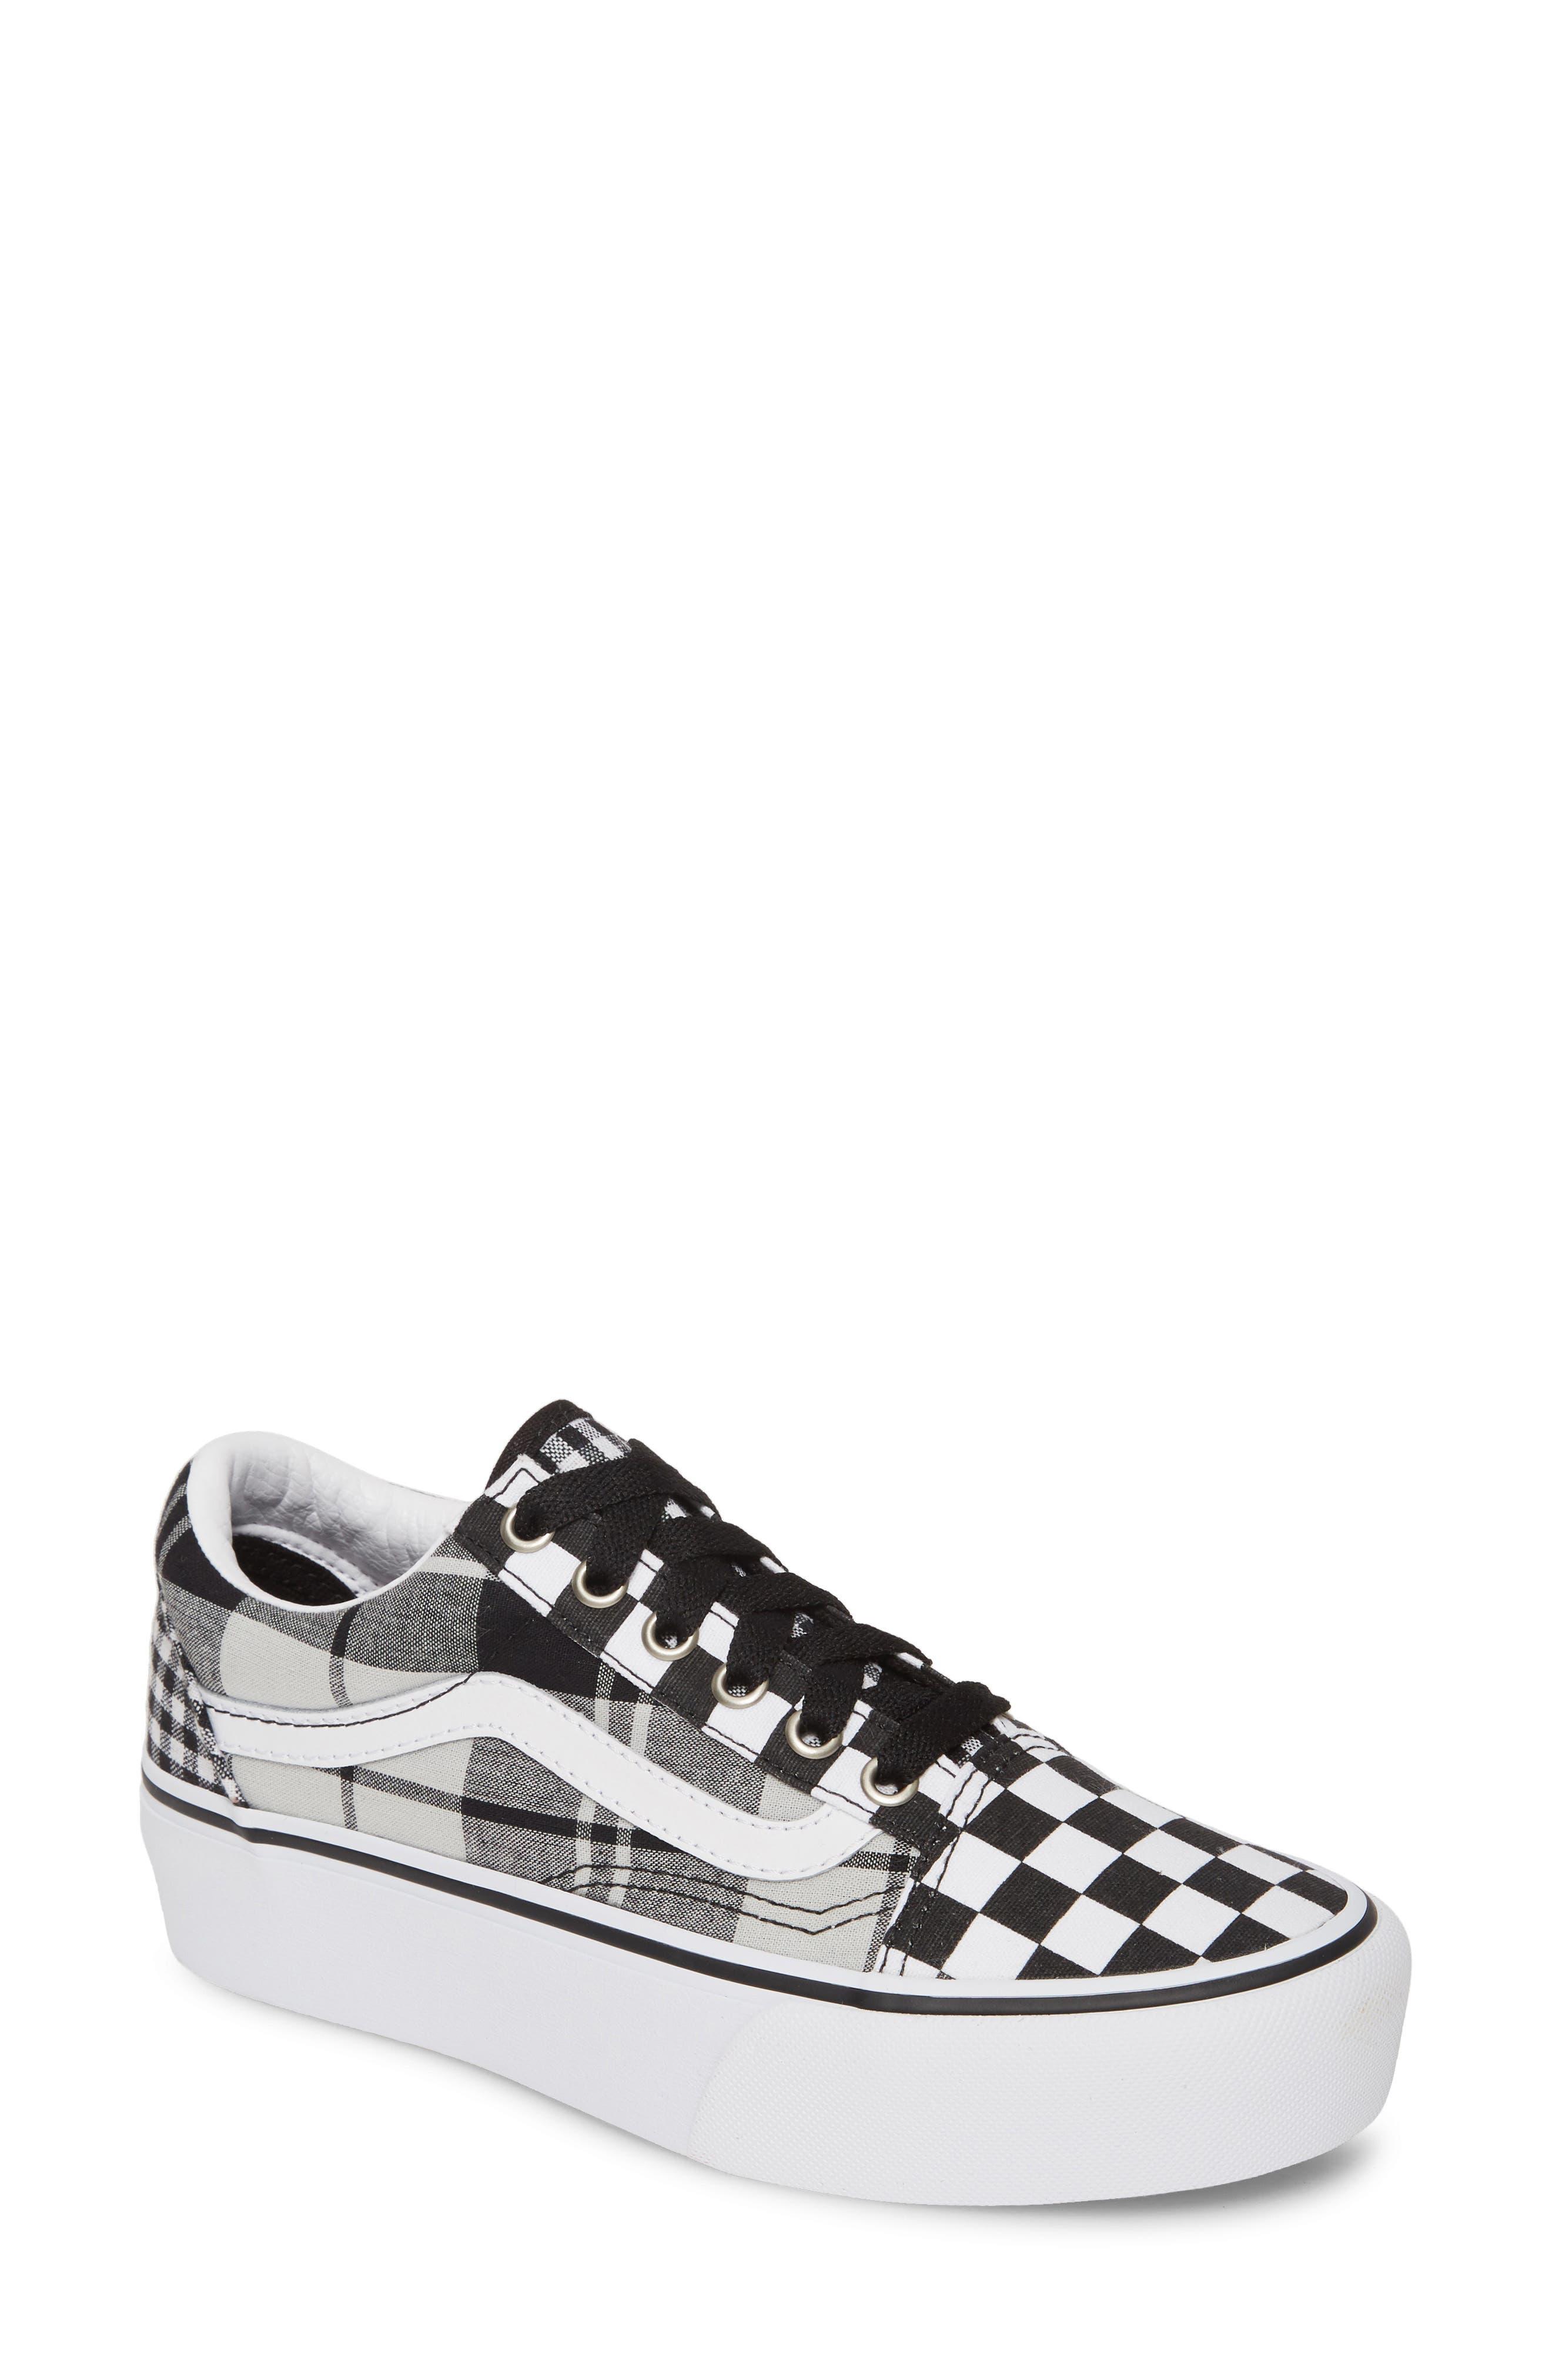 Vans Old Skool Platform Sneaker, Black